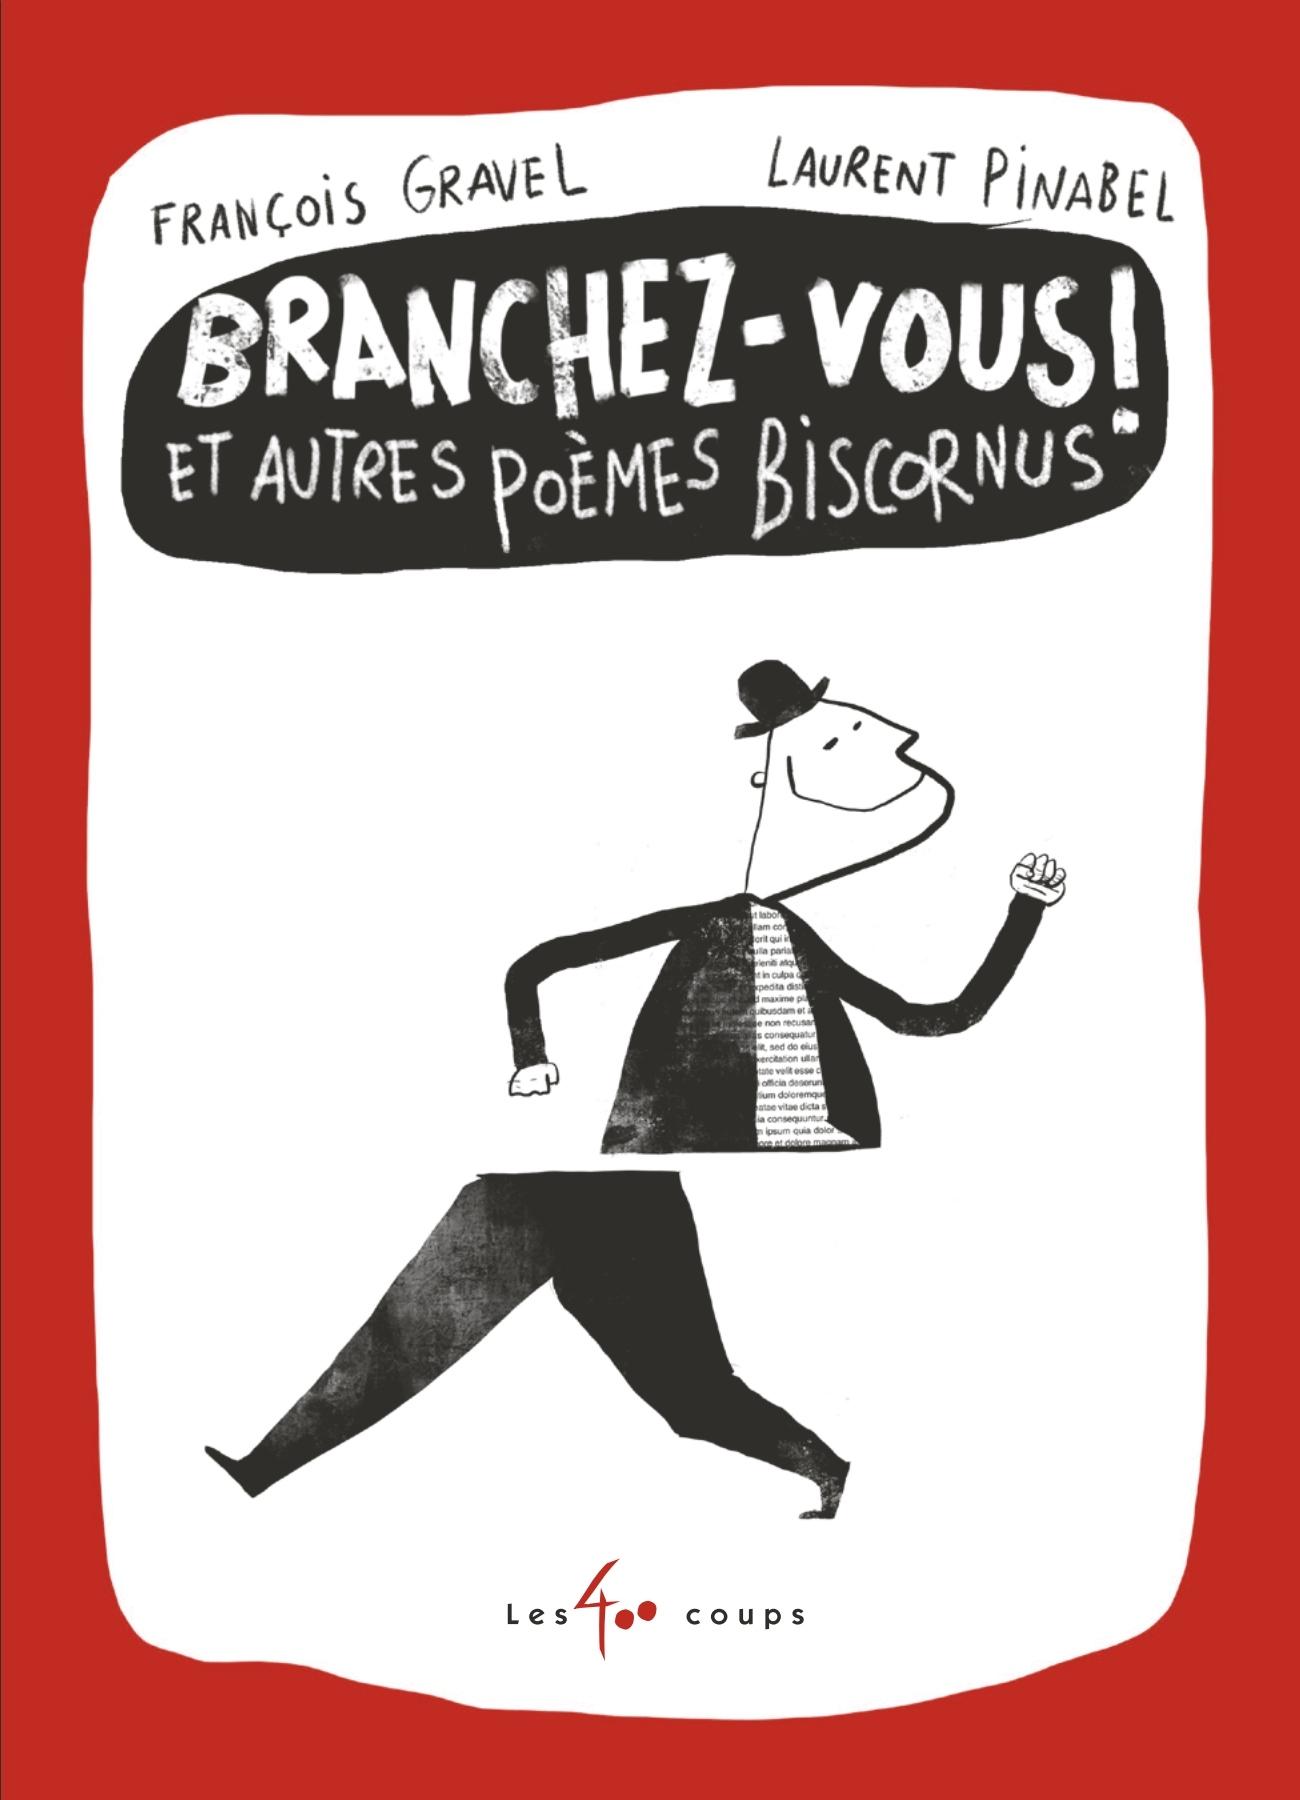 Couverture : Branchez-vous! & autres poèmes biscornus François Gravel, Laurent Pinabel